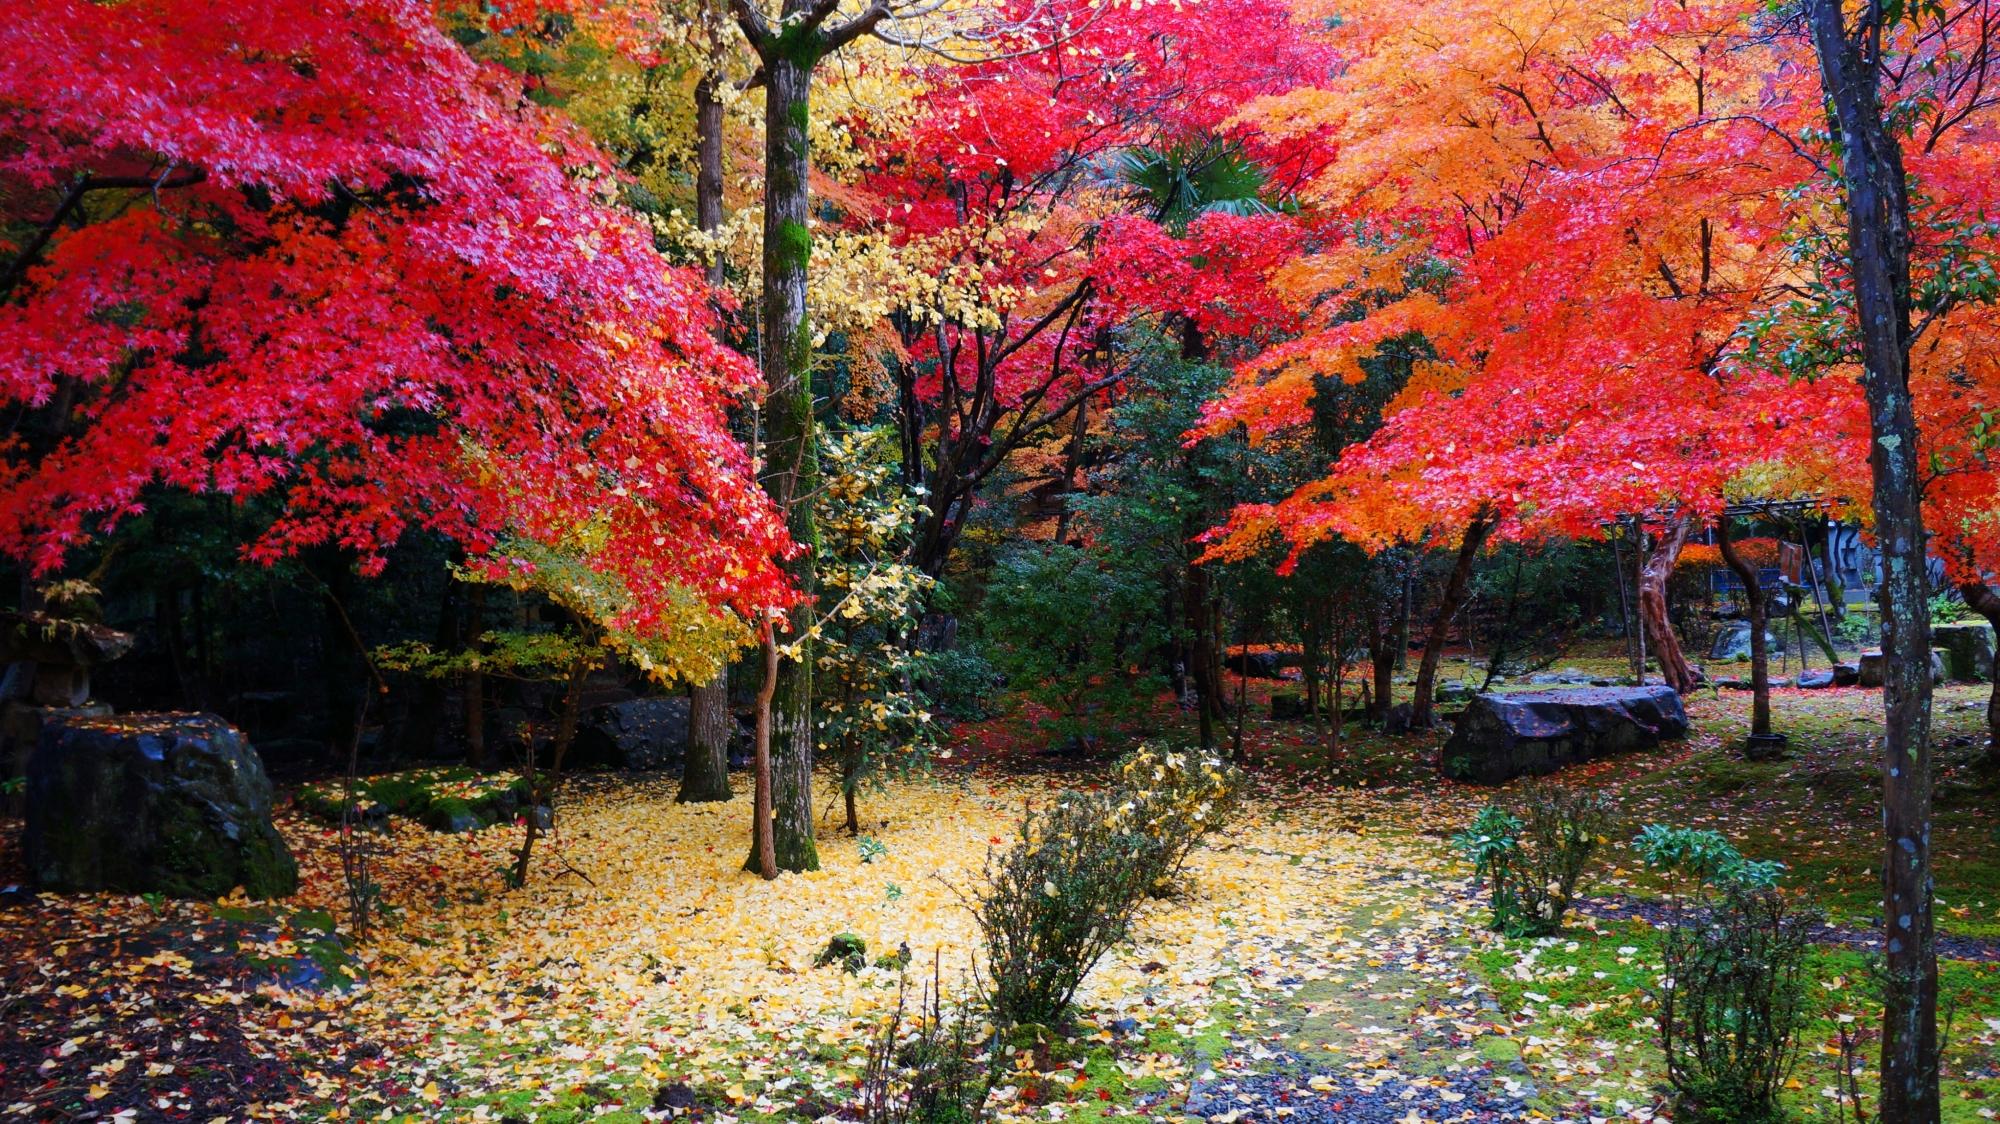 栖賢寺の色とりどりの紅葉と散り銀杏